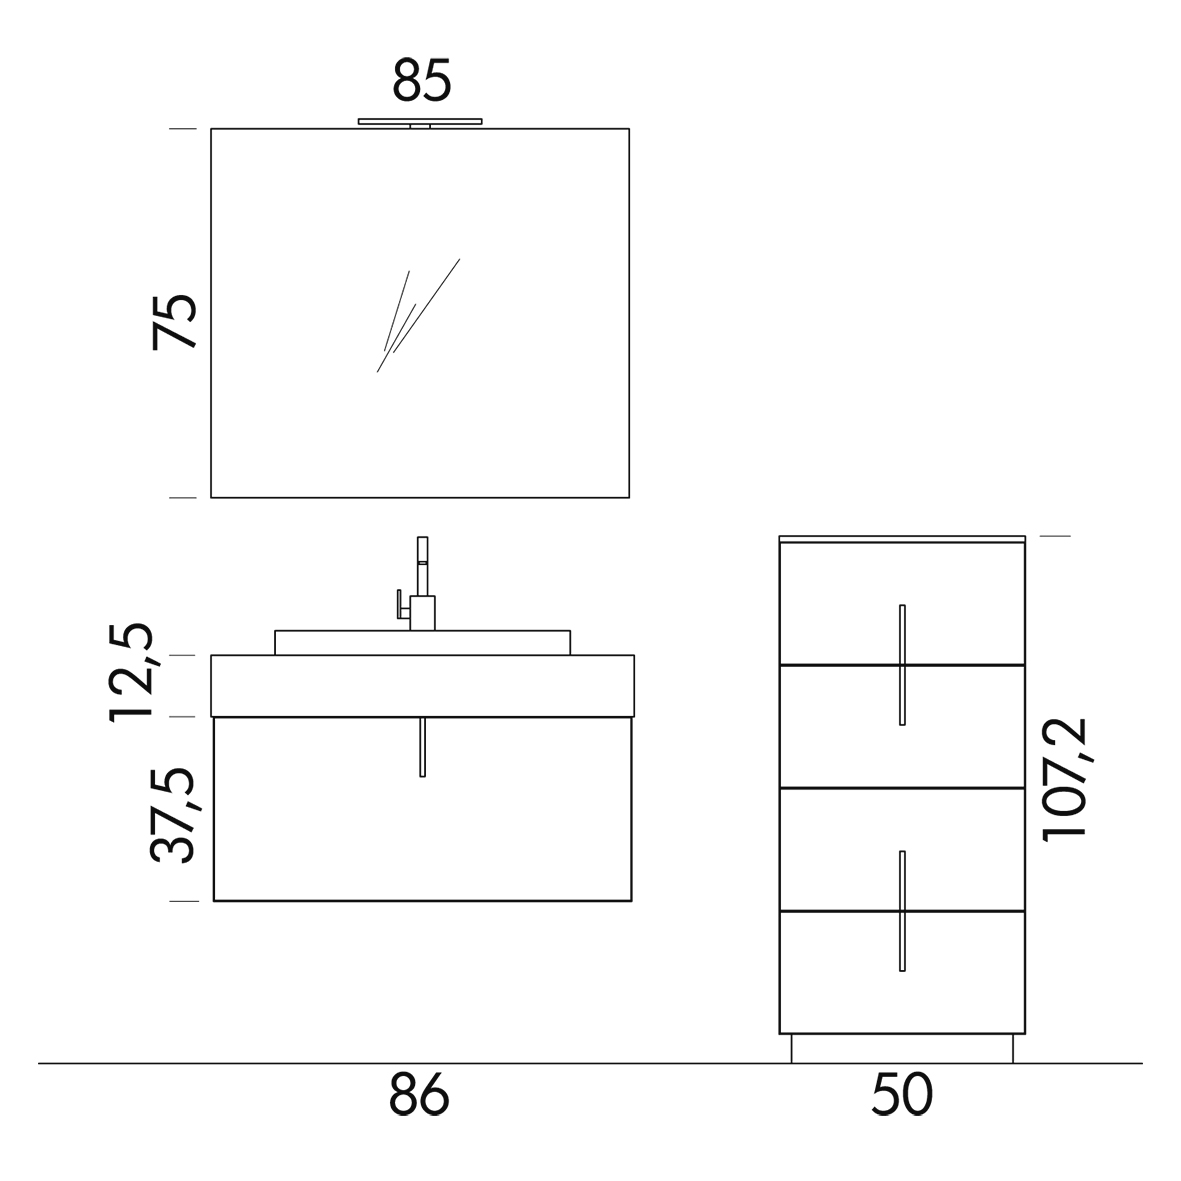 b201 81 life - mobile arredo bagno design l 86+50 x p 51/38 cm ... - Misure Arredo Bagno